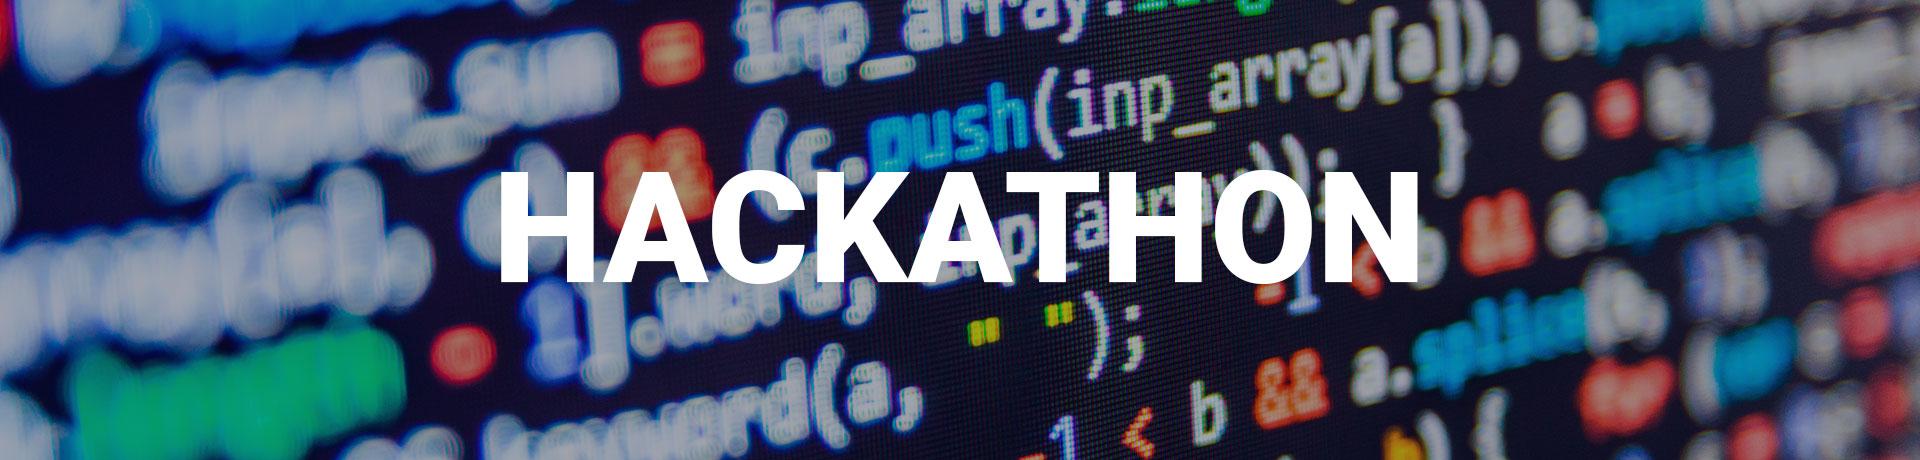 Our Hackathon